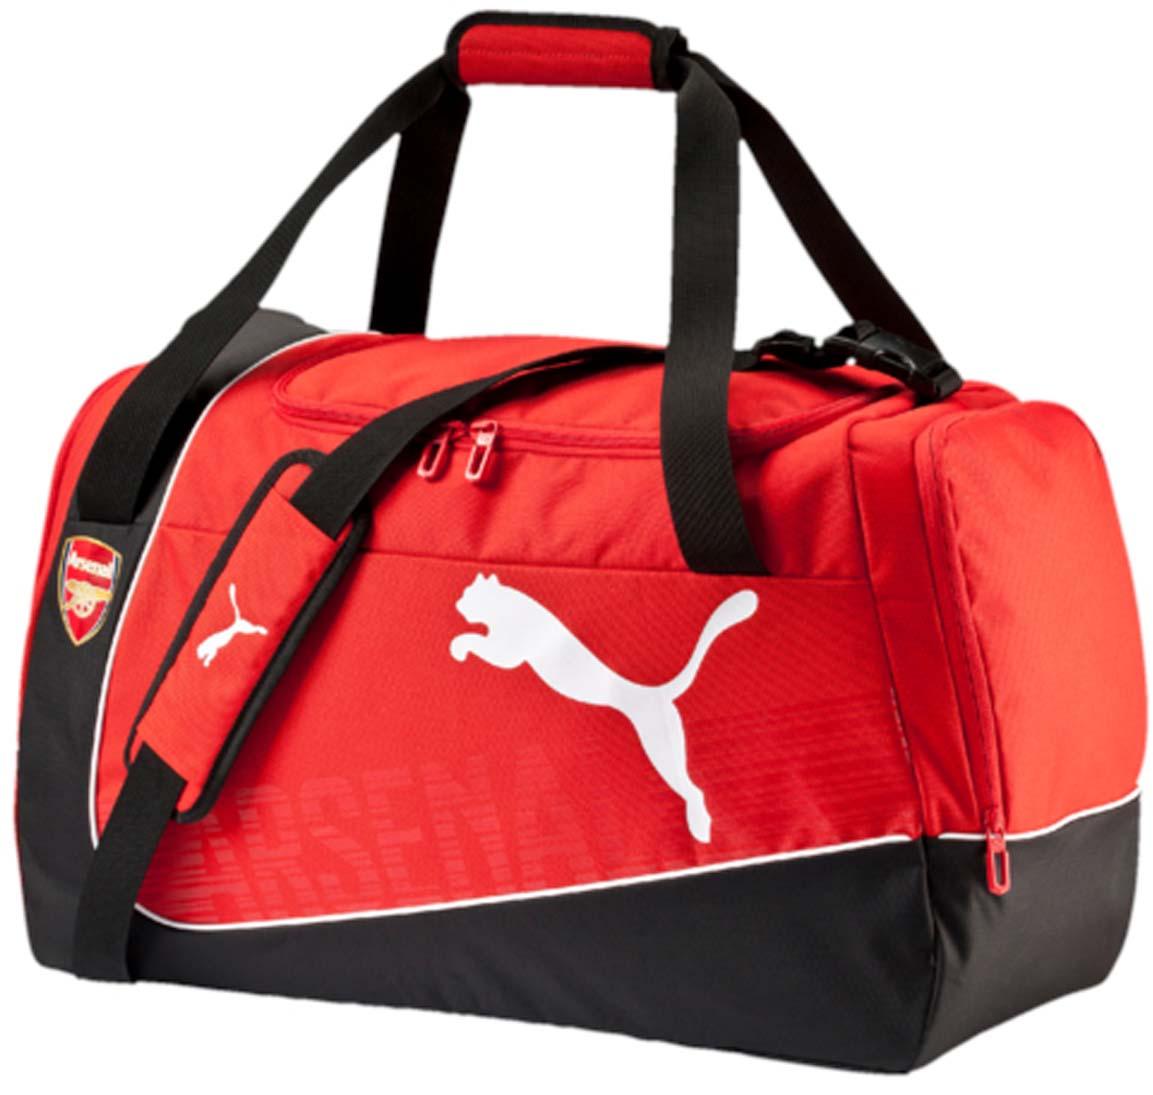 Сумка спортивная Puma Arsenal Medium Bag, цвет: красный. 07390501ML597BUL/DВместительная спортивная сумка от Puma. Модель выполнена из высококачественного износоустойчивого полиэстера черного и красного цветов и декорирована логотипом бренда спереди и эмблемой ФК Арсенал. У модели два боковых кармана на молнии, отверстия для вентиляции, регулируемый плечевой ремень.